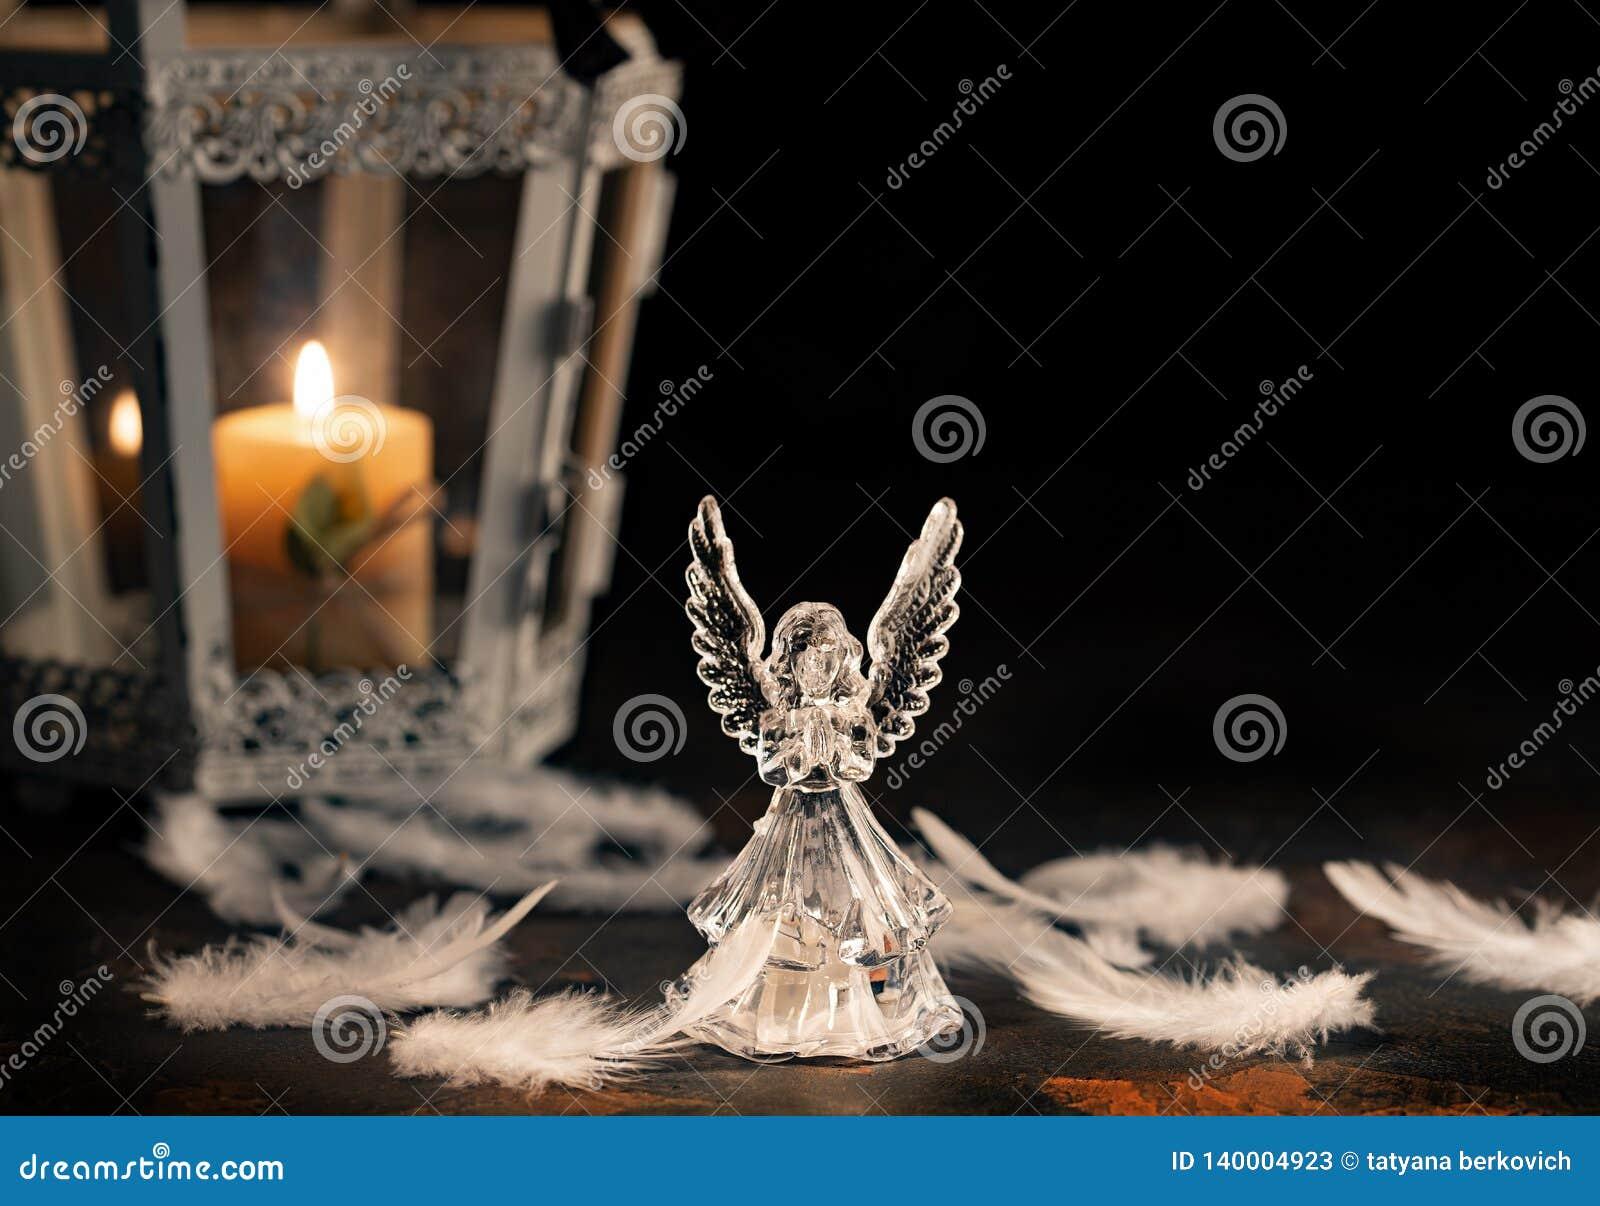 Ángel de cristal en un fondo oscuro